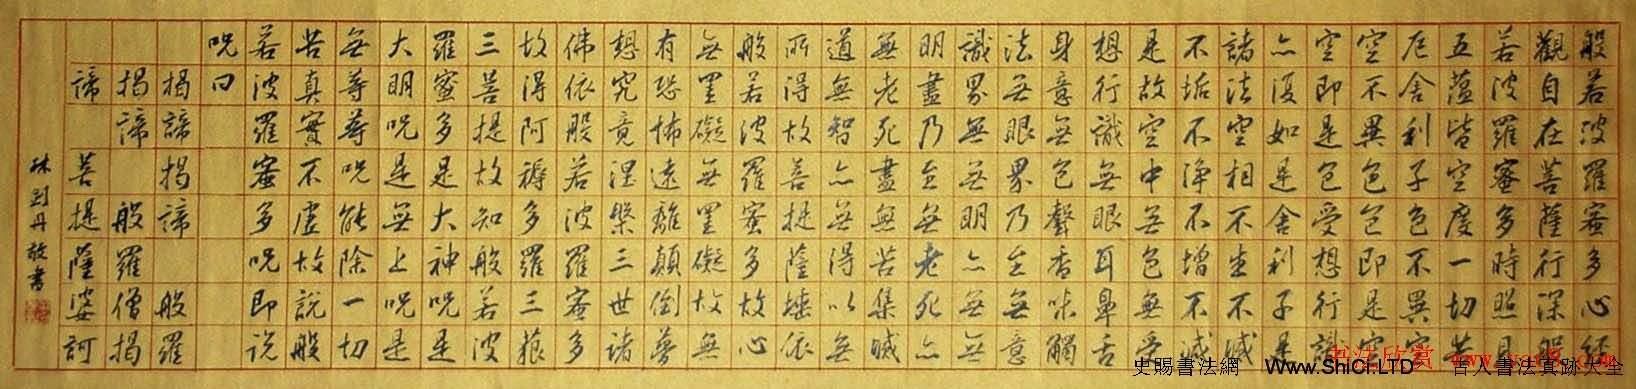 林劍丹行書真跡欣賞泥金紙《心經》手卷(共6張圖片)